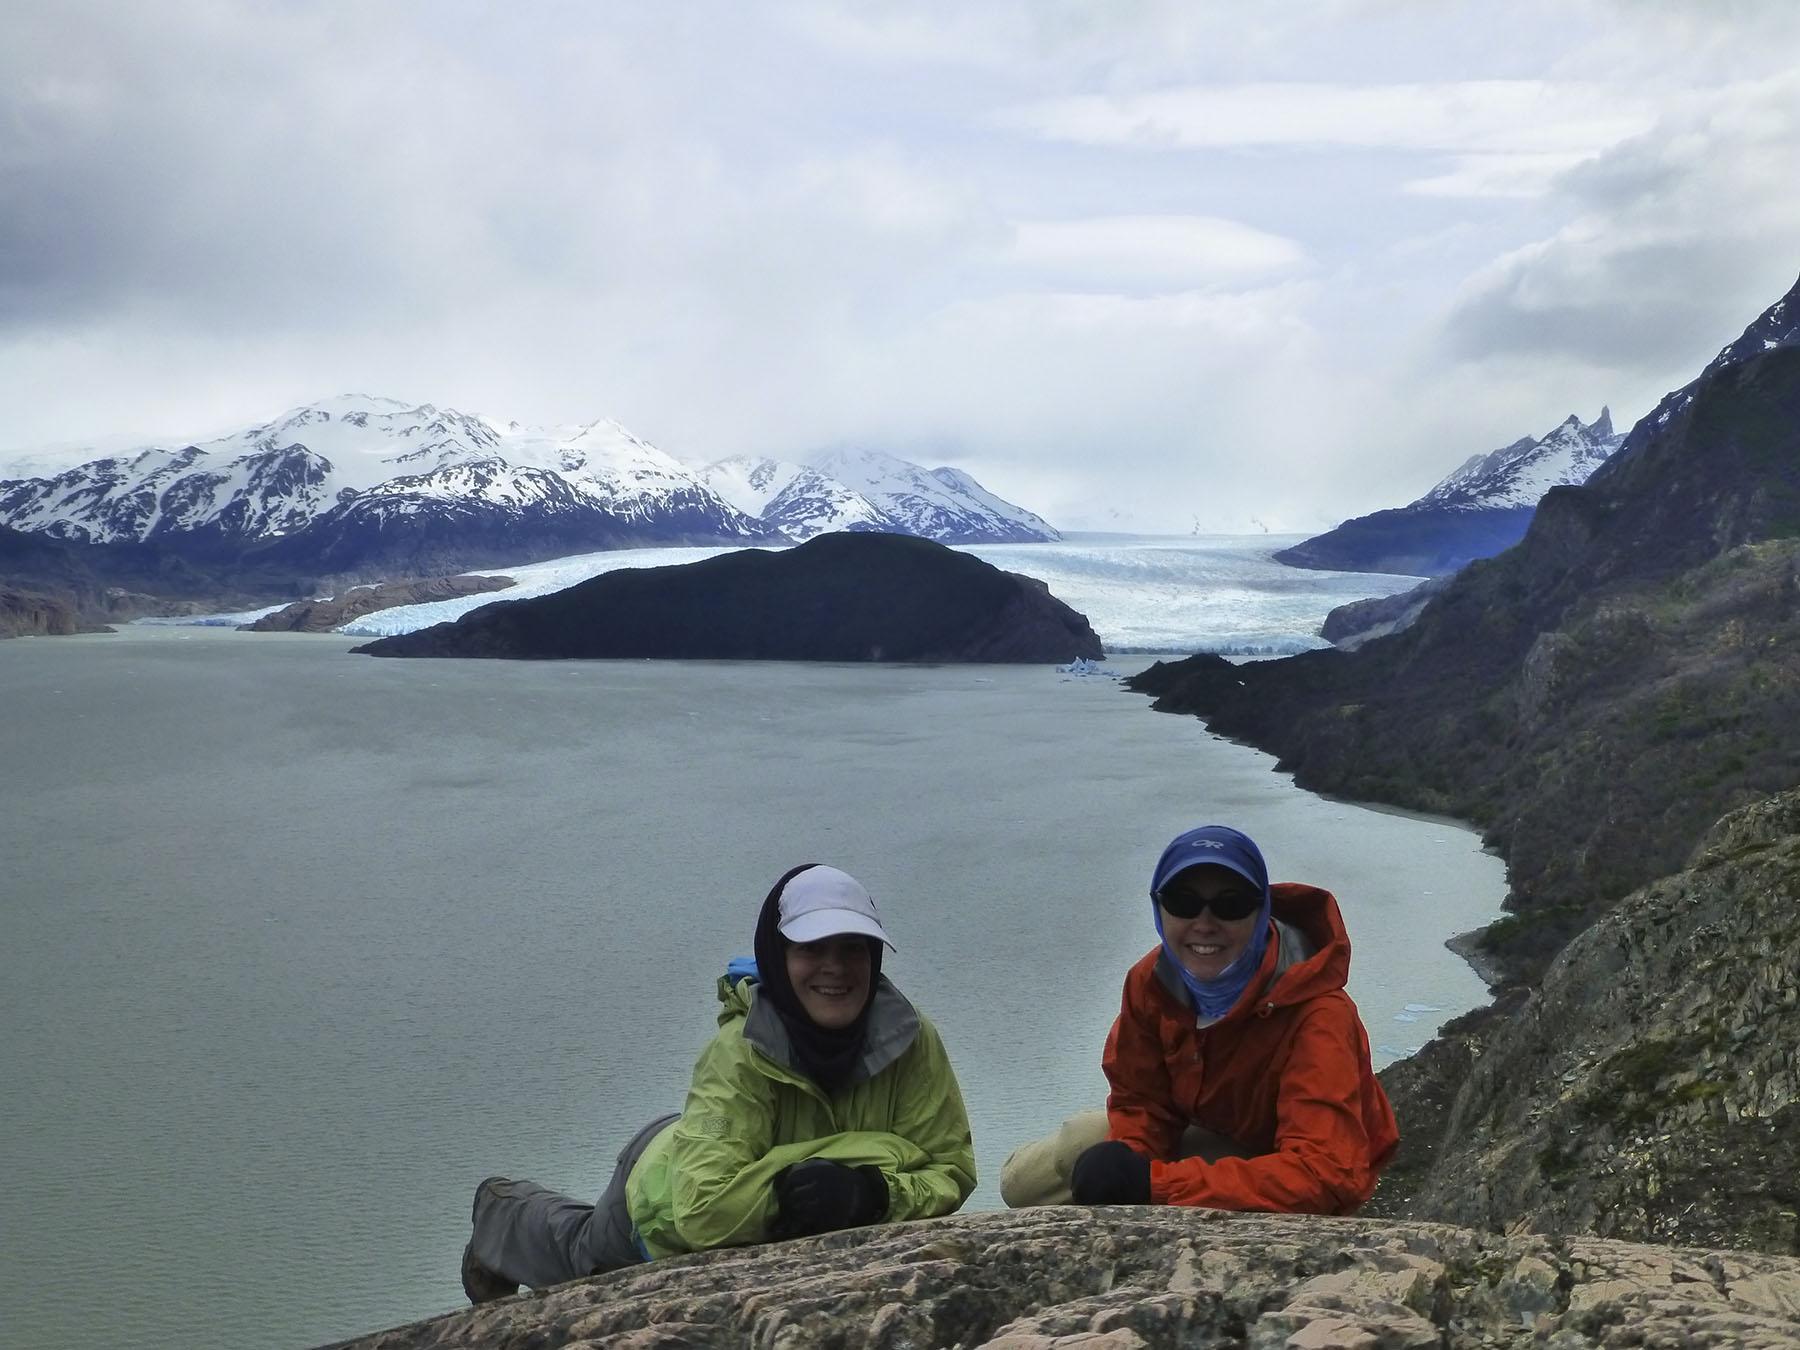 Looking down on Lago Grey and Glacier Grey.